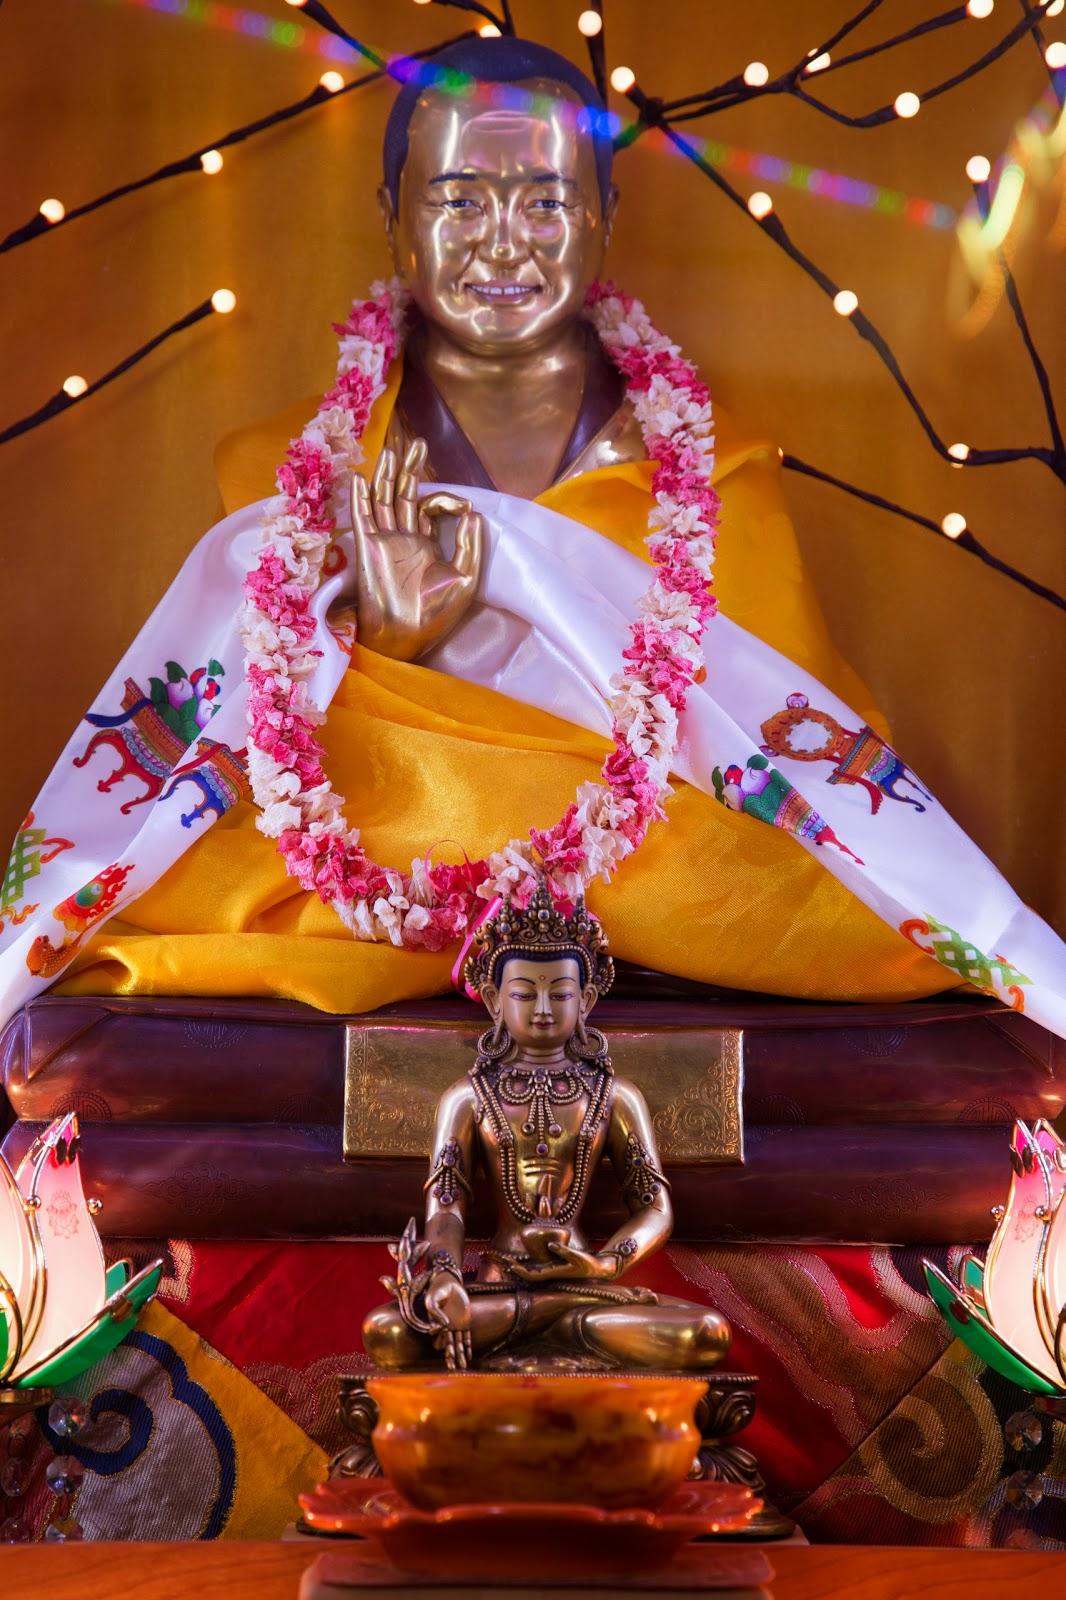 Lama Yeshe statue. Photo by Ven. Thubten Kunsang.